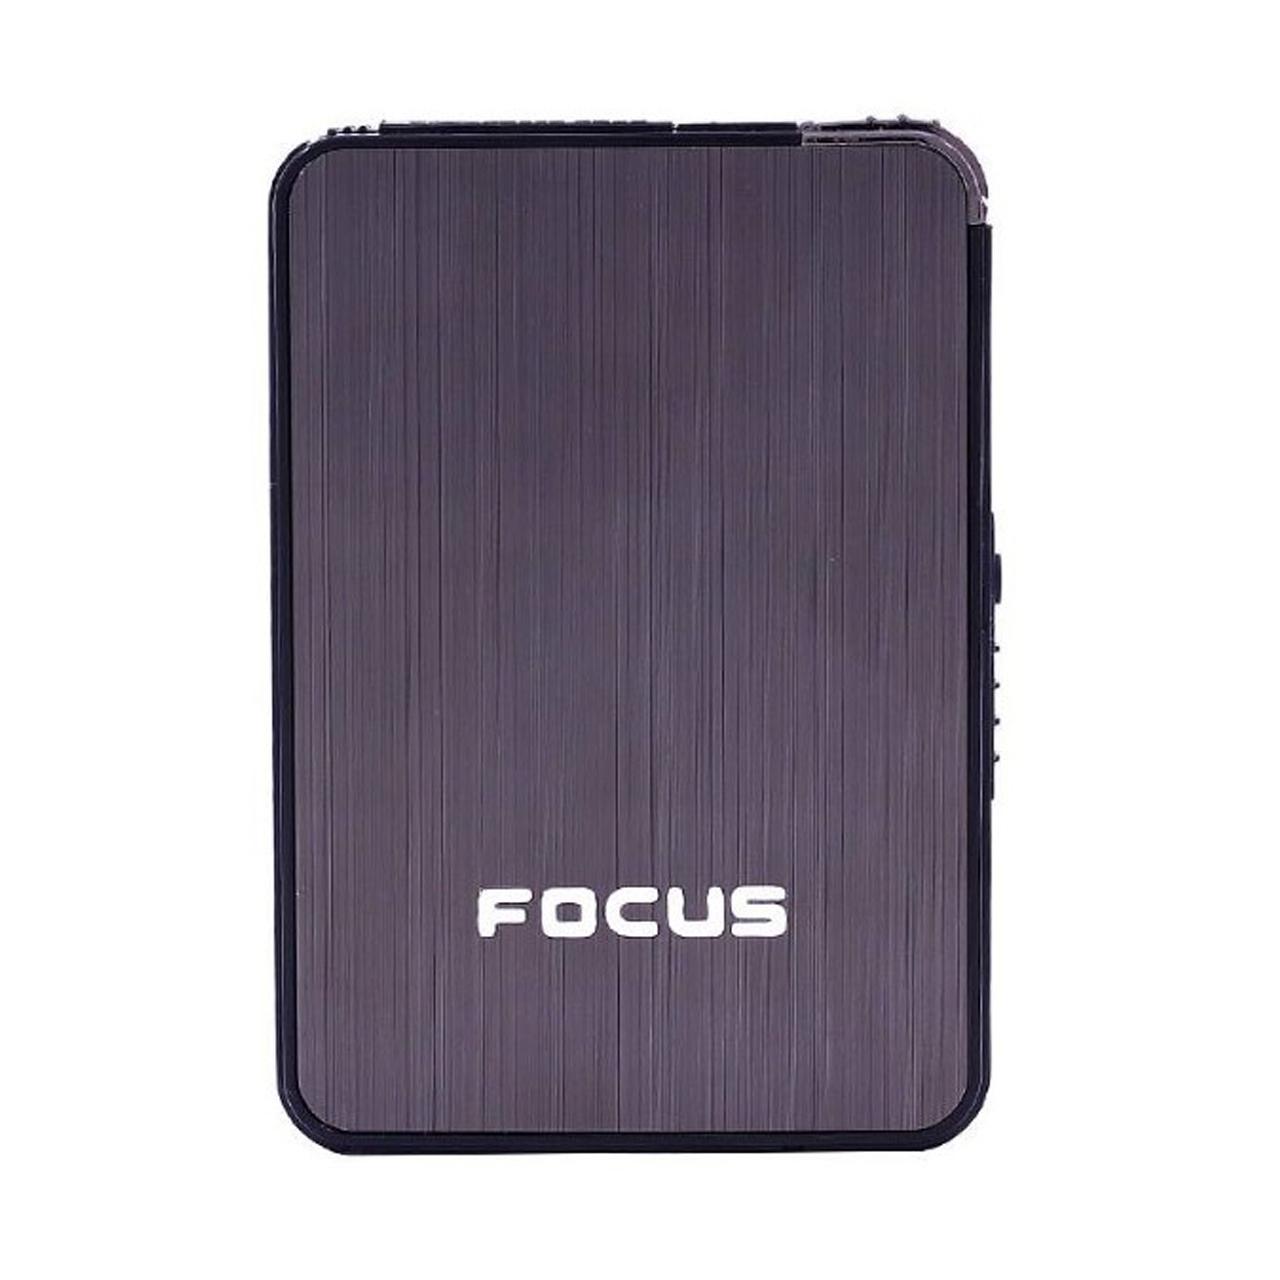 خرید                     جعبه سیگار فوکوس مدل Fc c2